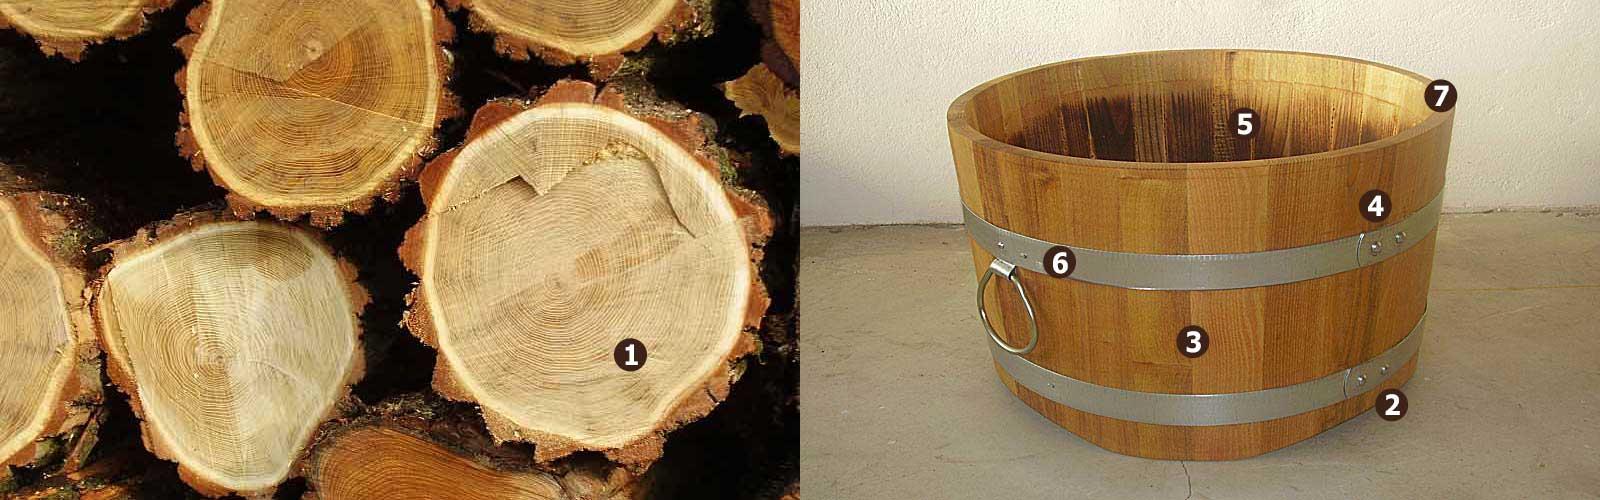 Pflanzkübeln aus dem Holz der Akazie: 7 Vorteile für unsere Planzenkübel | www.pflanzenkuebel.eu